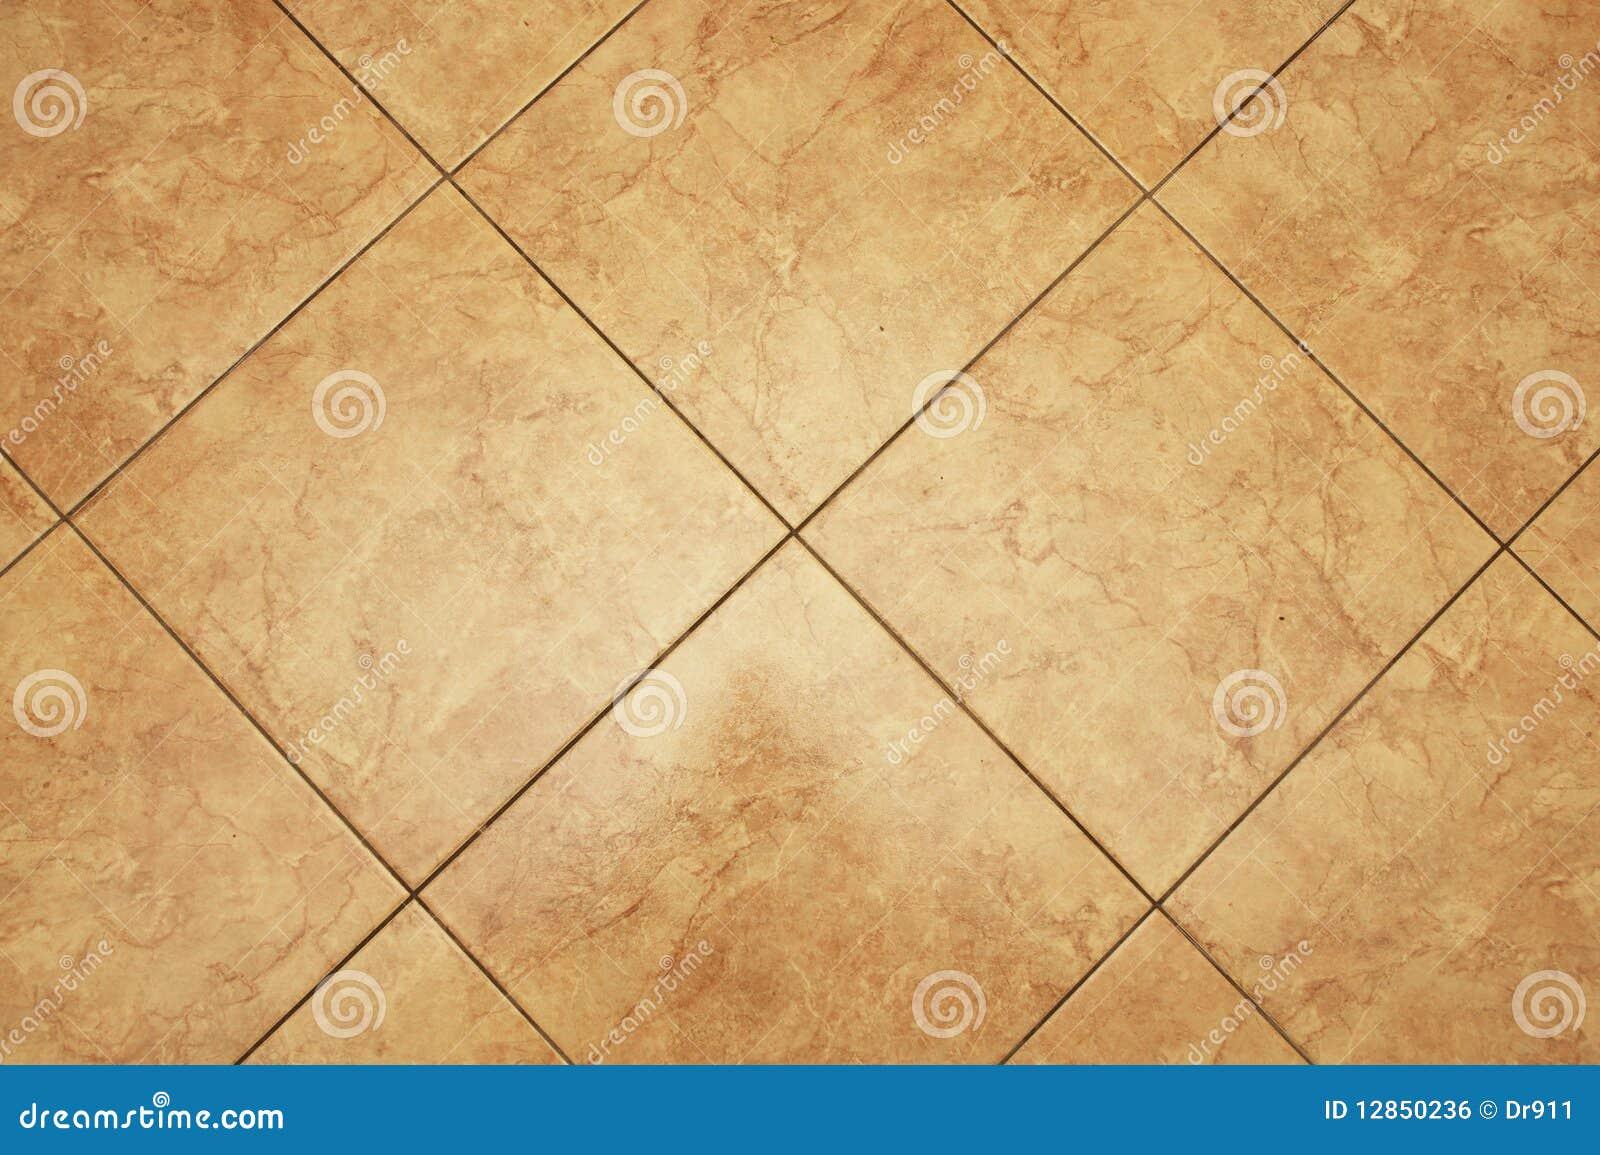 Carrelage desvres serie 1 devis tous travaux saint for Carrelage pierre basset